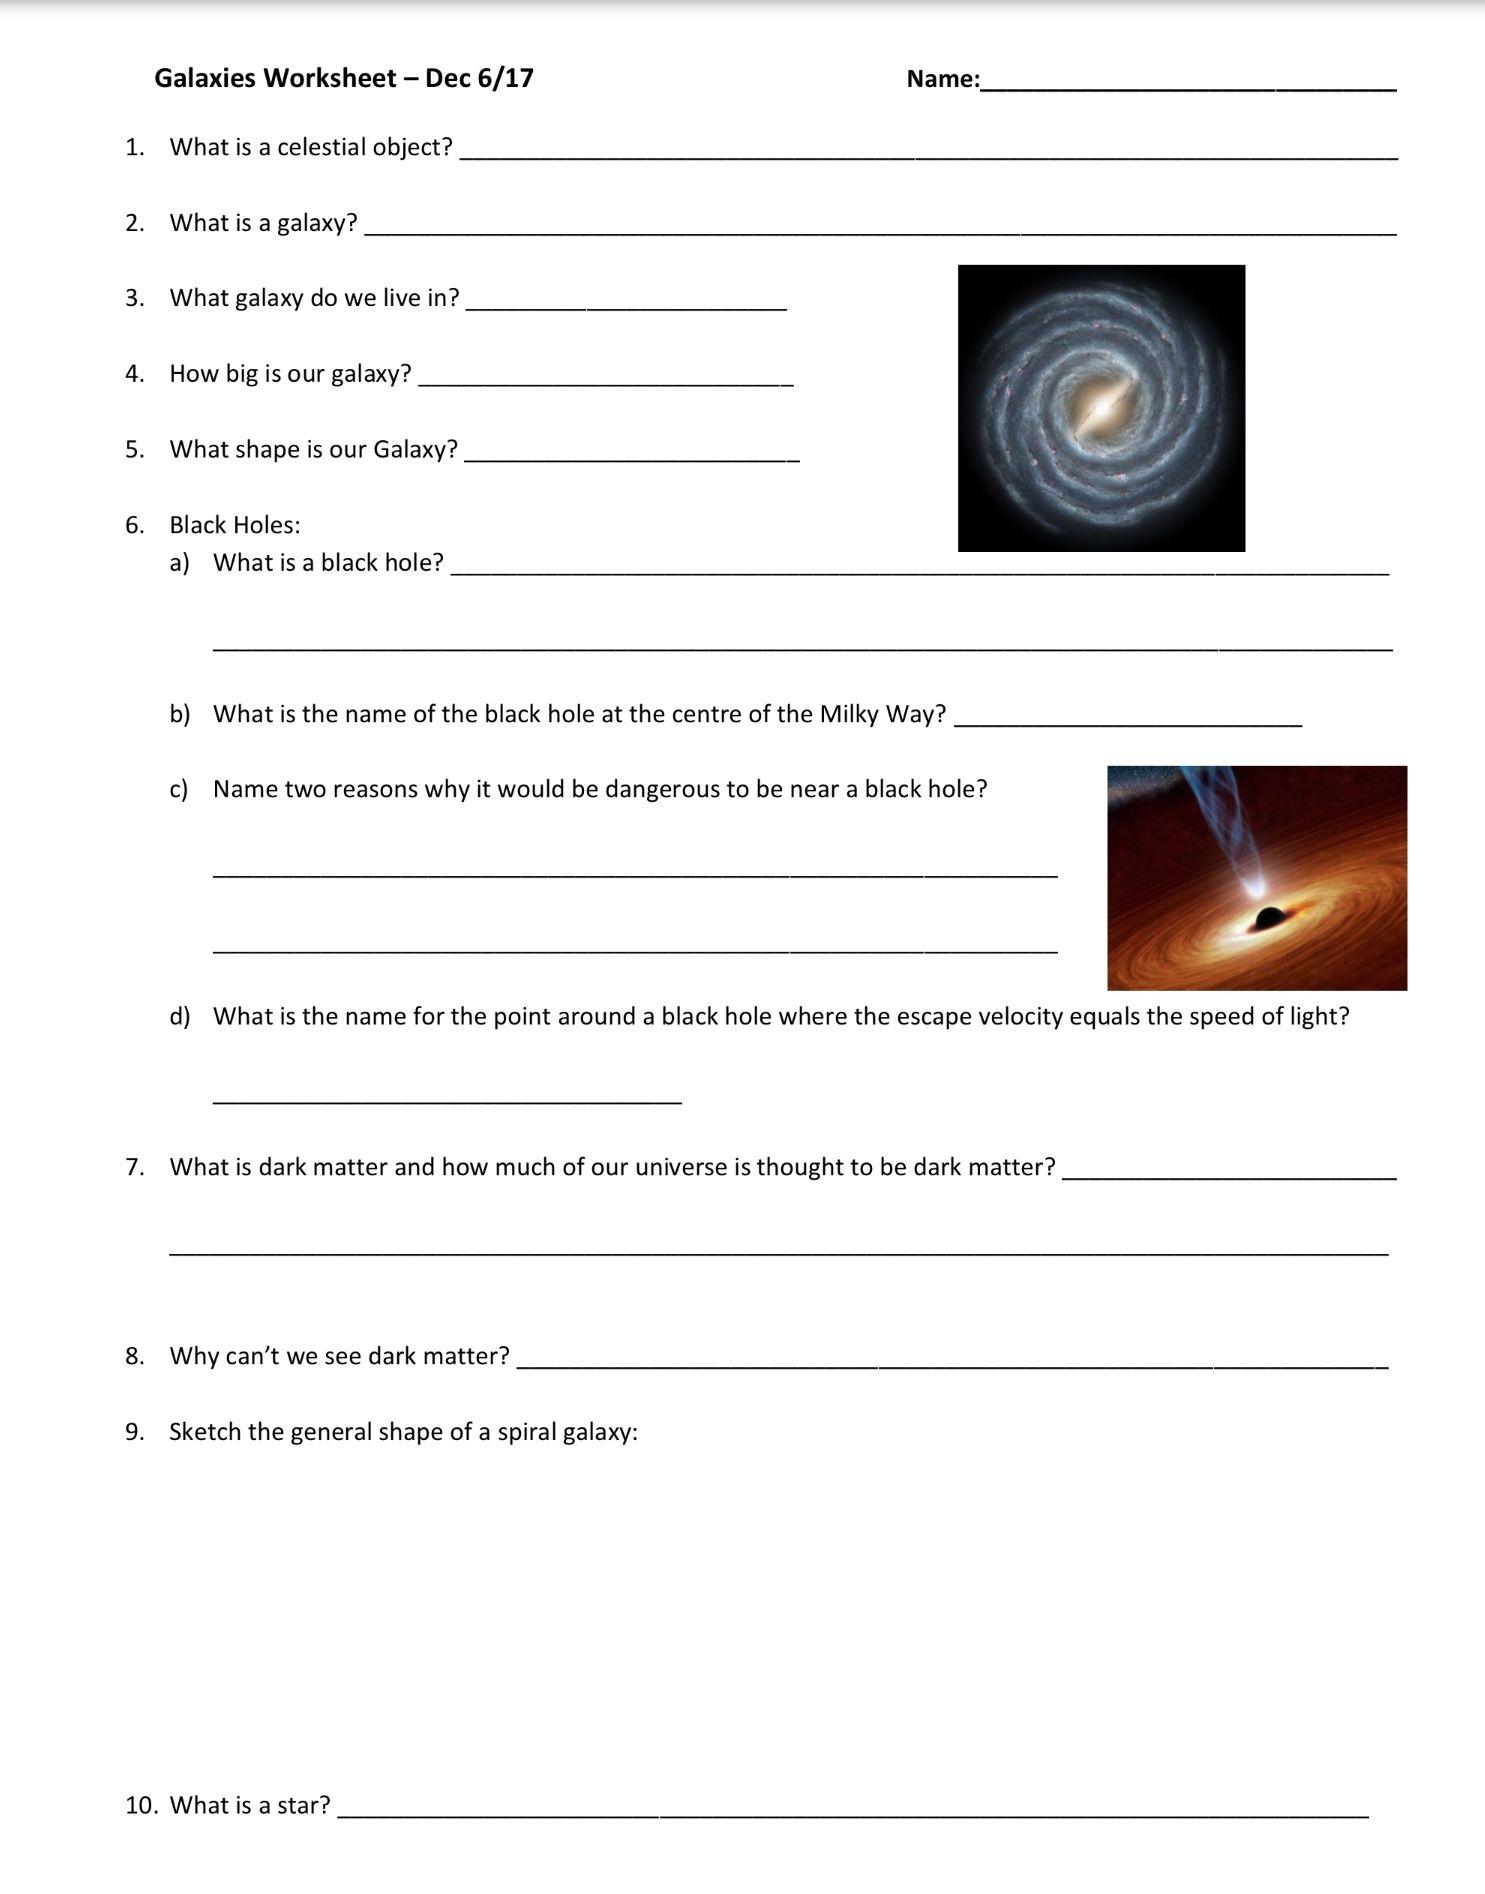 Galaxies Worksheet